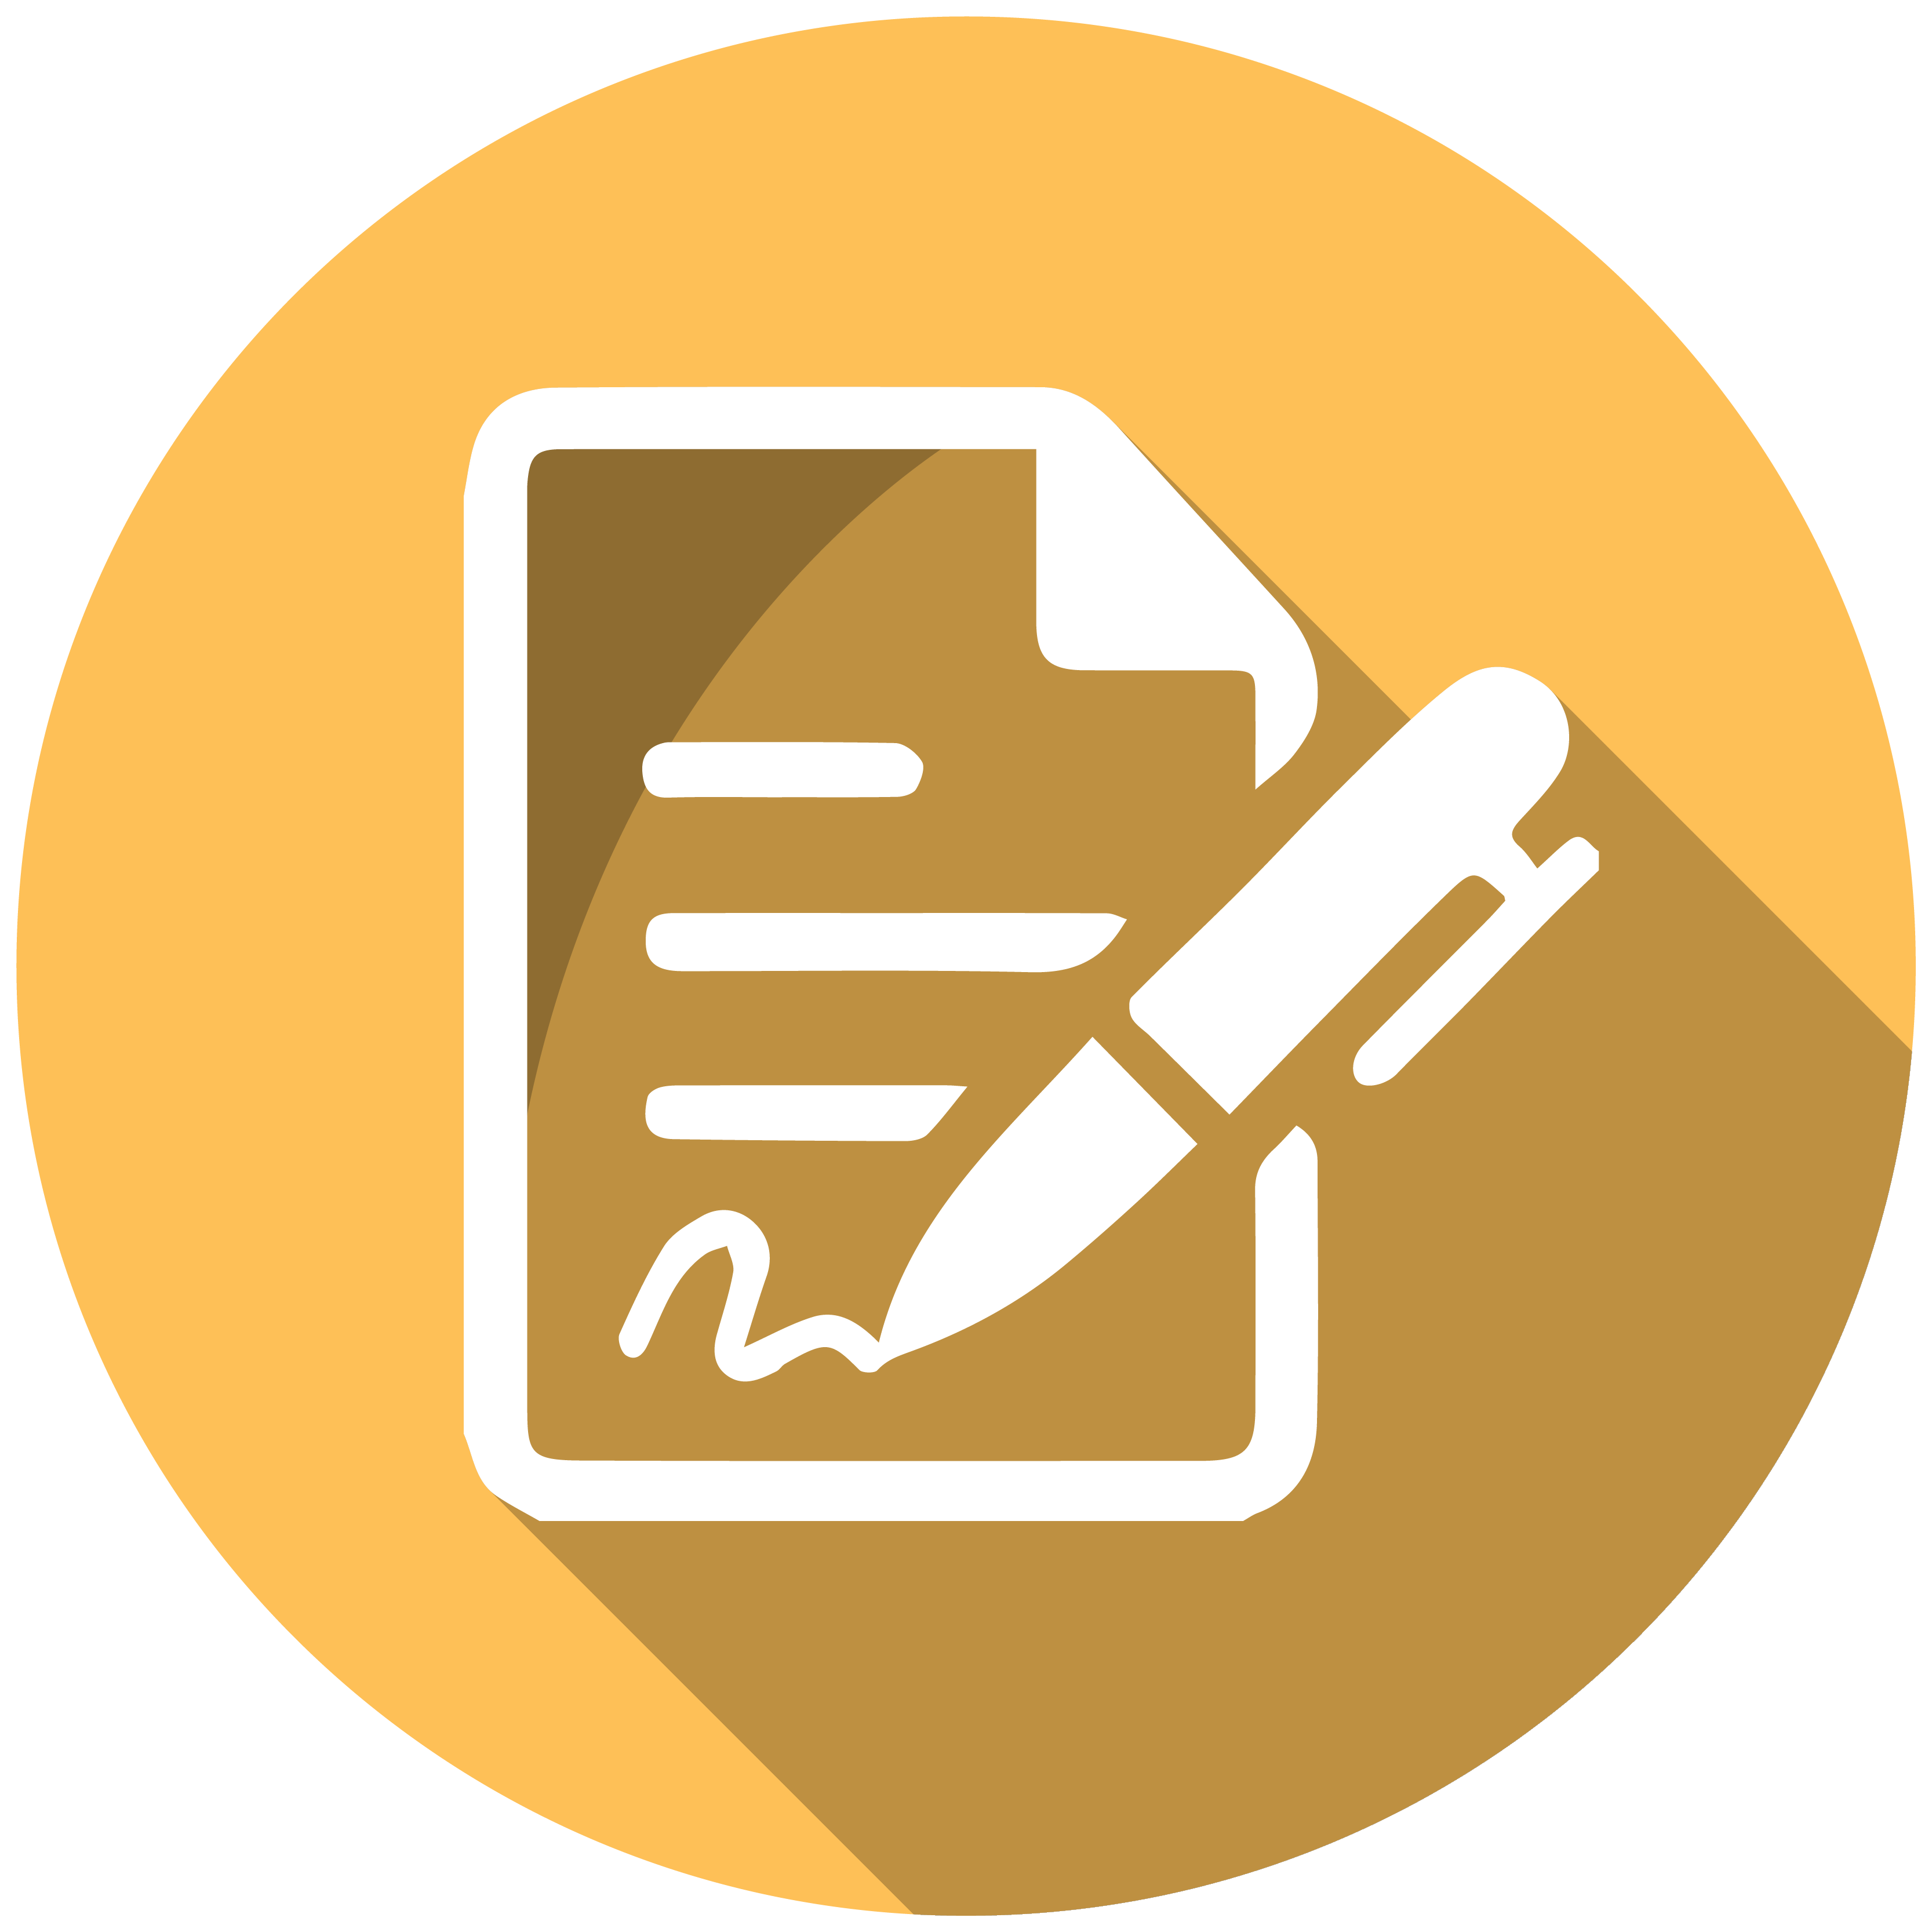 خرید فایل( پاورپوینت فصل نهم کتاب مبانی سازمان و مدیریت رضائیان با موضوع هماهنگی)